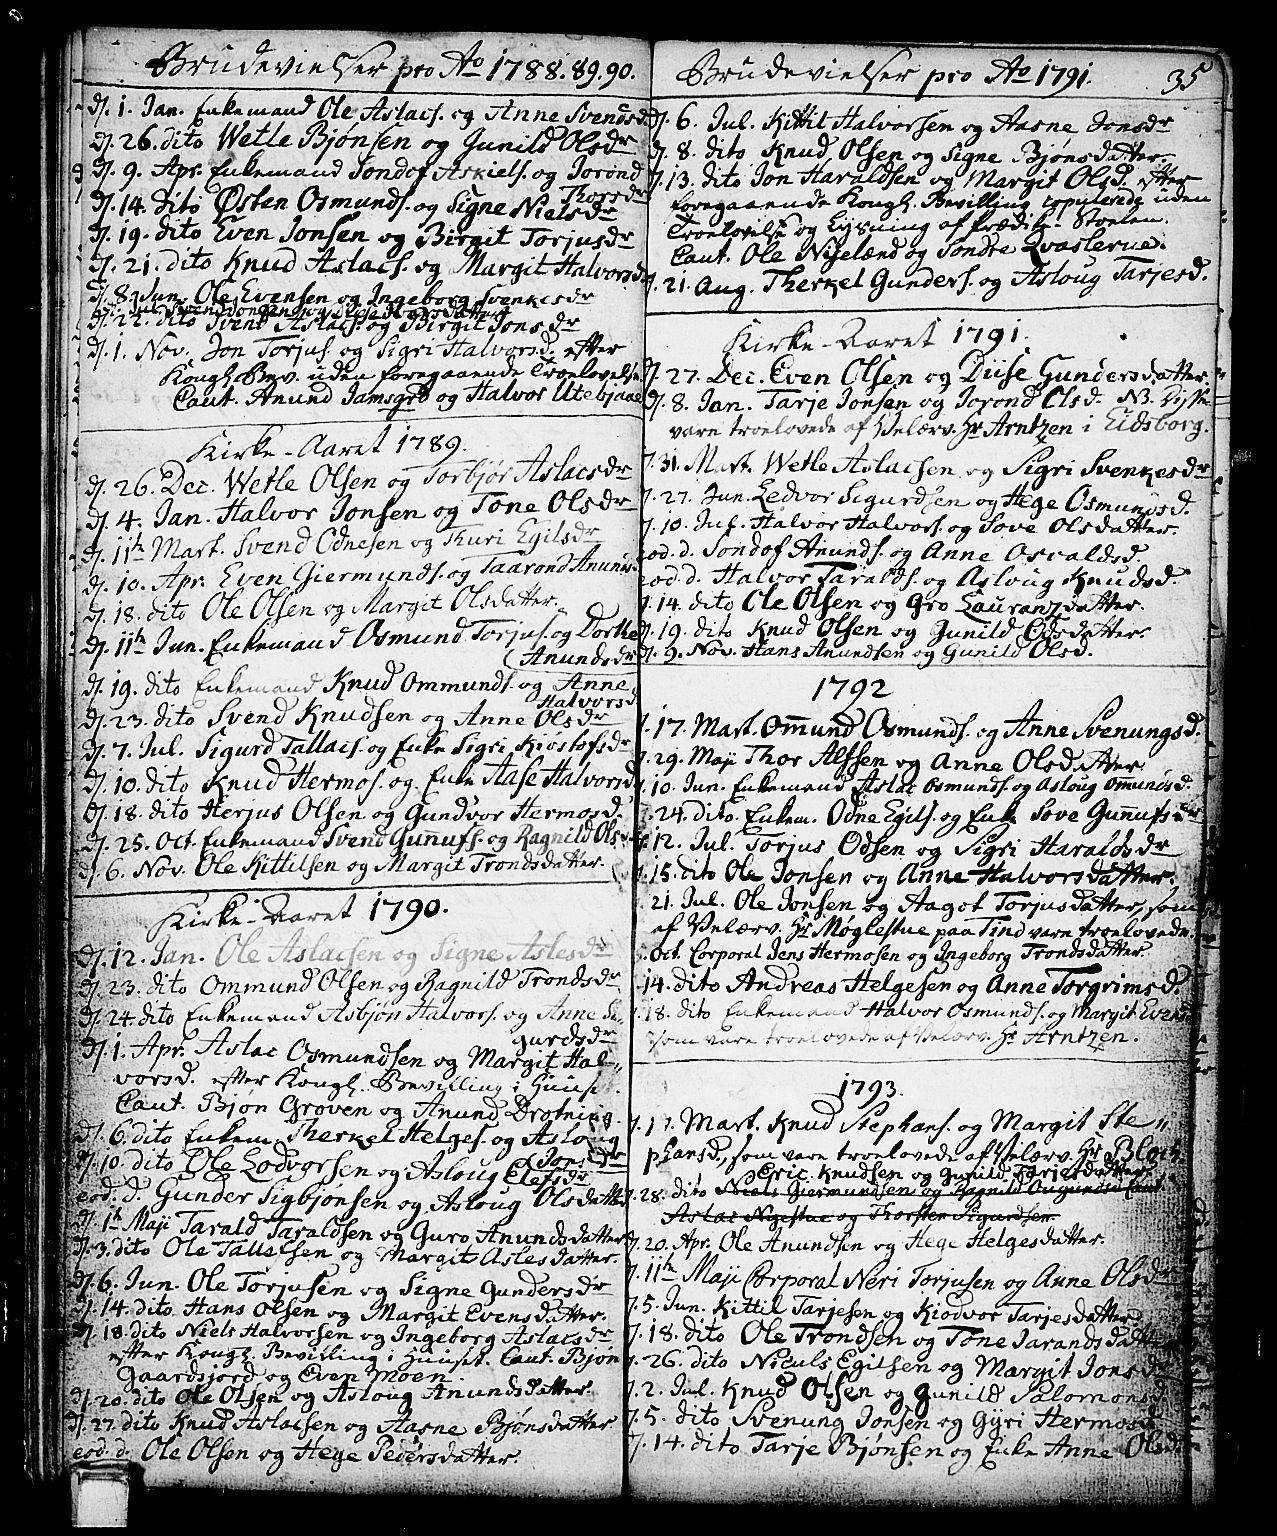 SAKO, Vinje kirkebøker, F/Fa/L0002: Ministerialbok nr. I 2, 1767-1814, s. 35